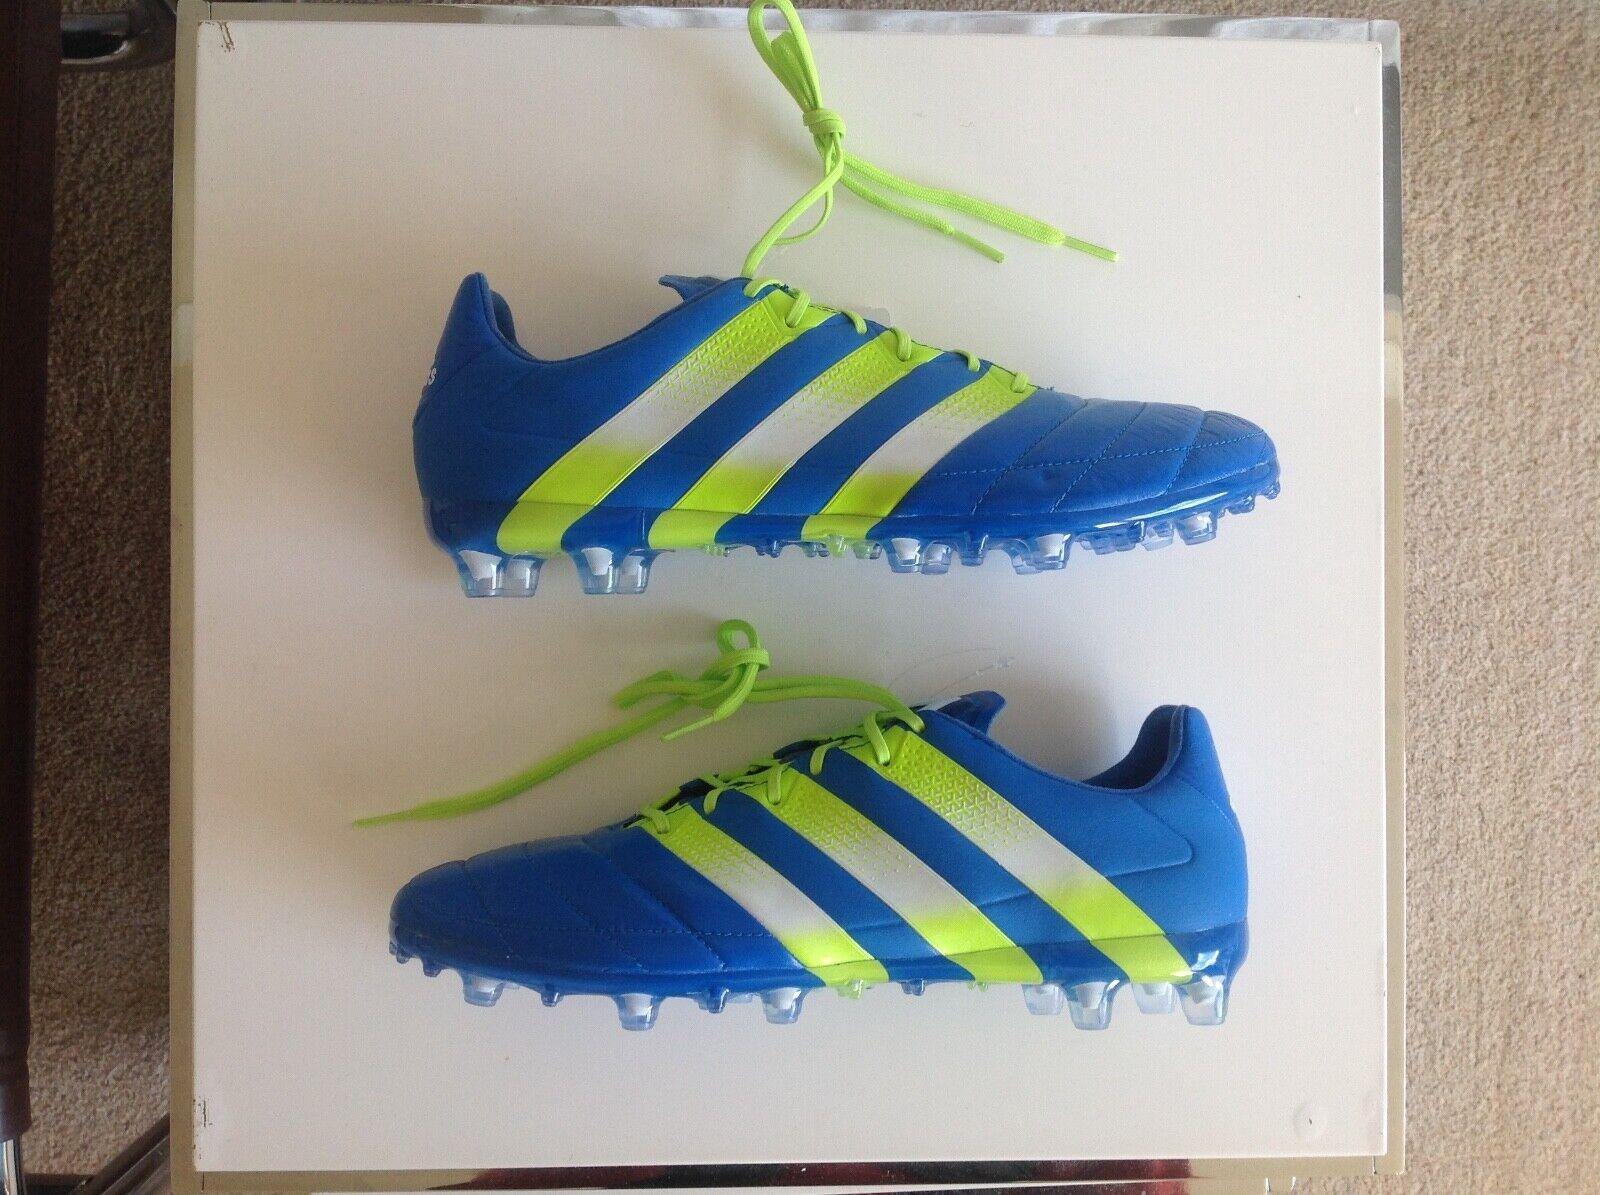 Adidas botas de fútbol de cuero ace 16.1  3 US 9 Projoator muestra BN